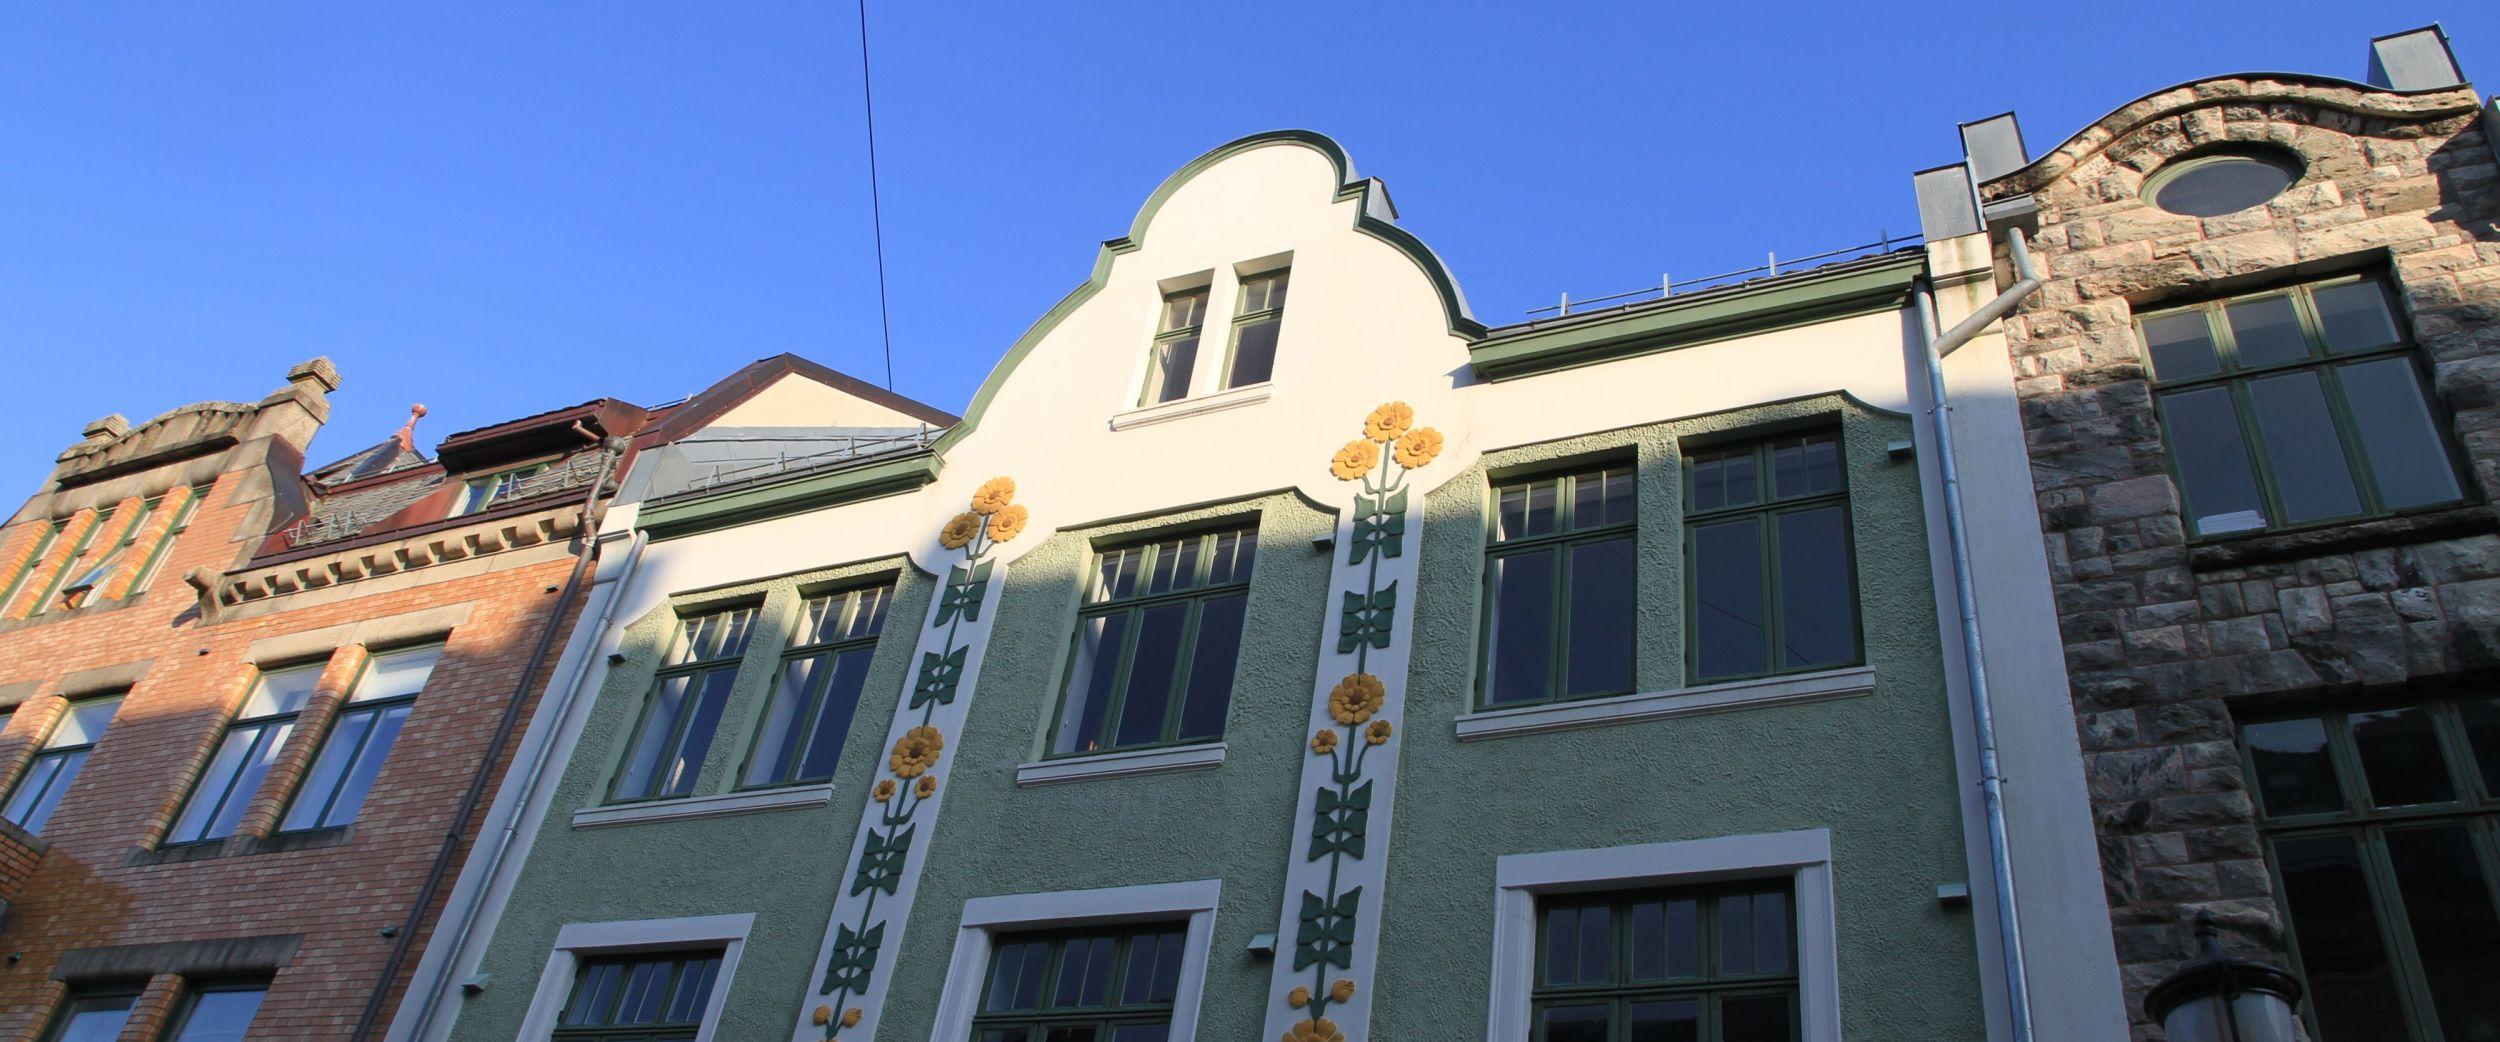 Art Nouveau architecture in Ålesund